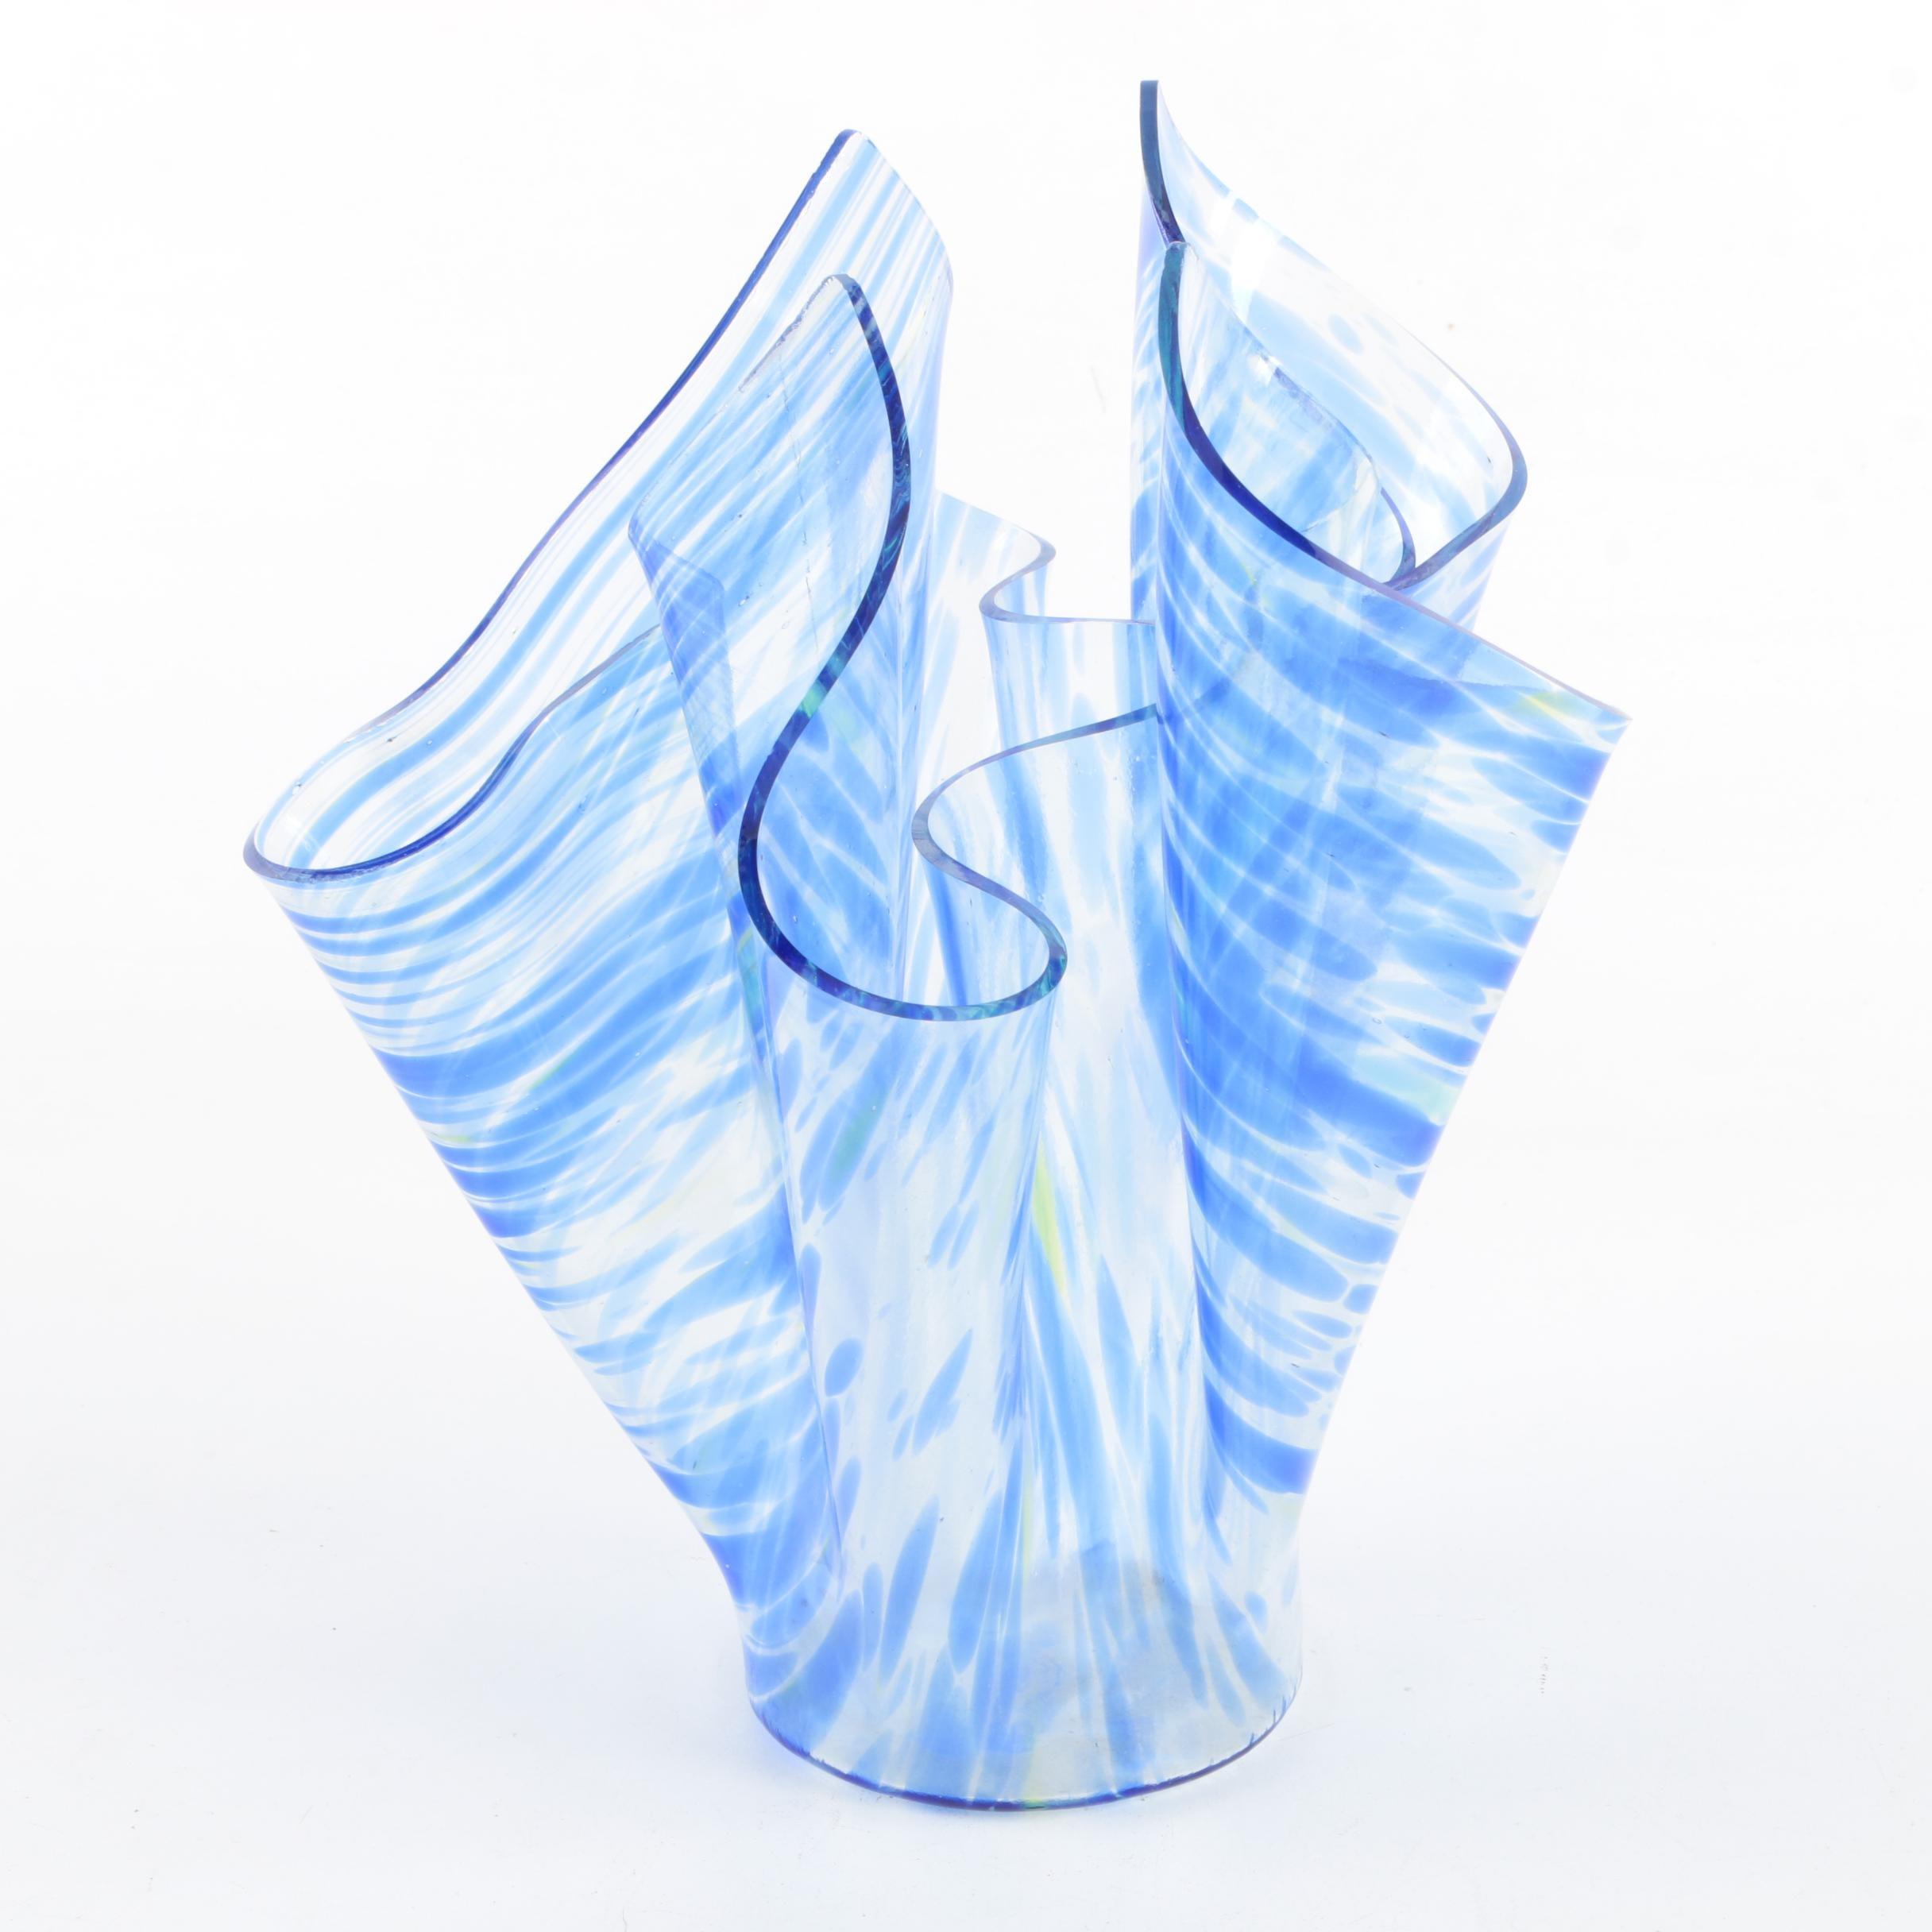 Handkerchief Art Glass Vase